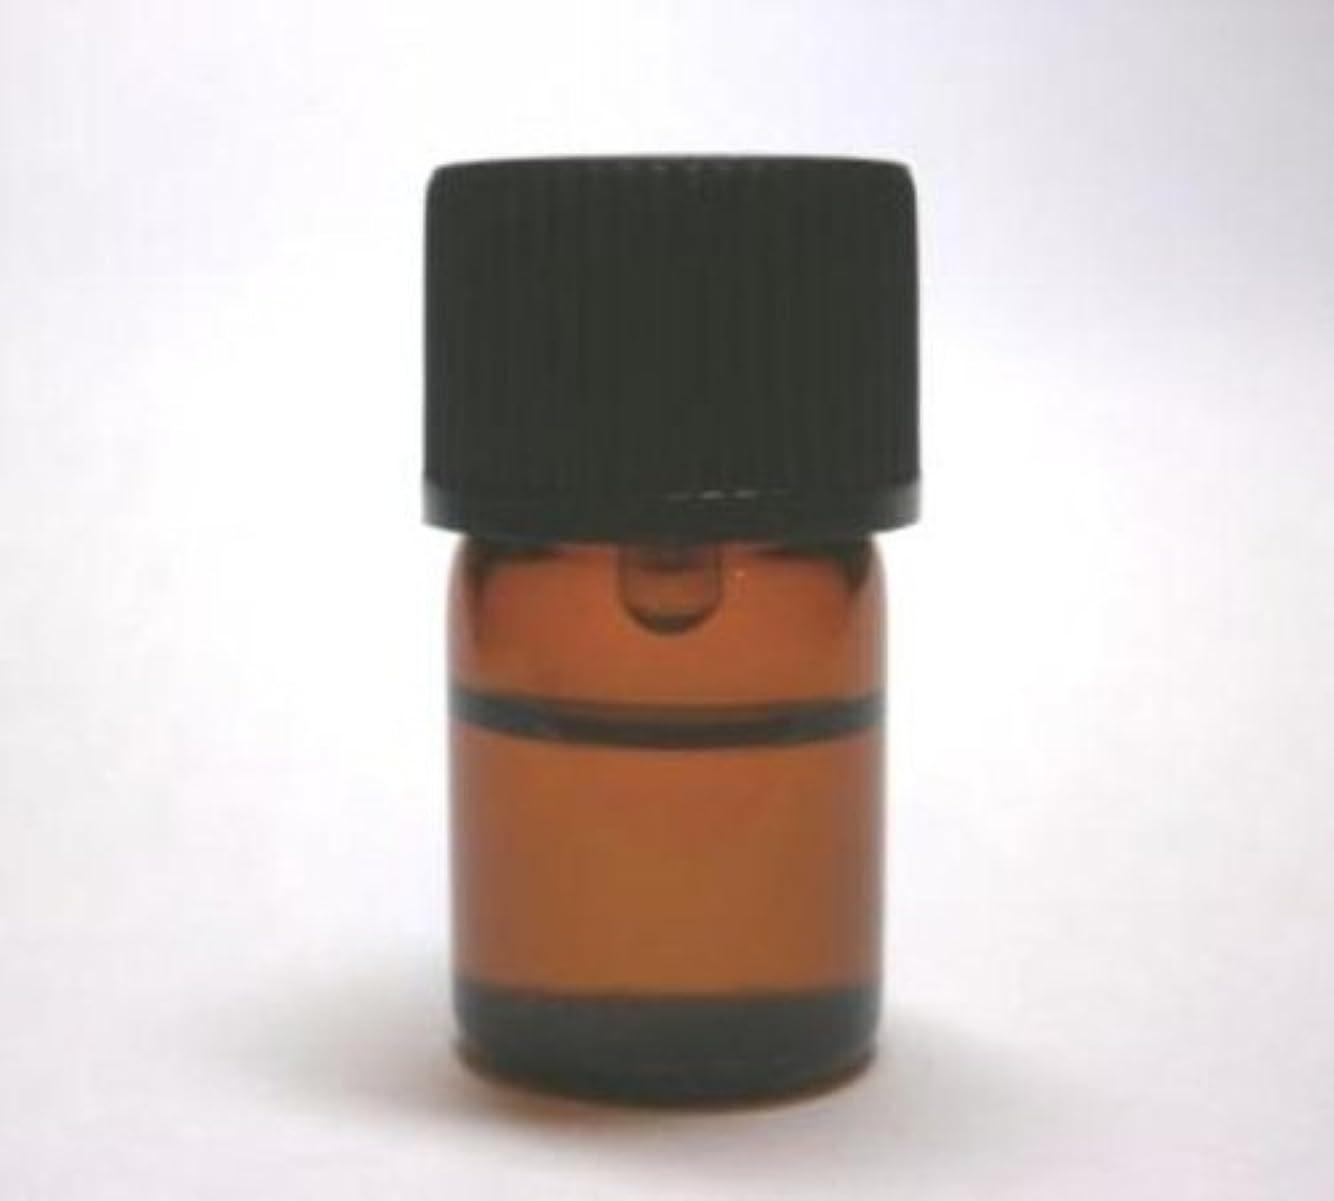 満足できる非互換定刻ローズオットー100%:3ml/ローズエッセンシャルオイル/ローズ精油/ローズオイル